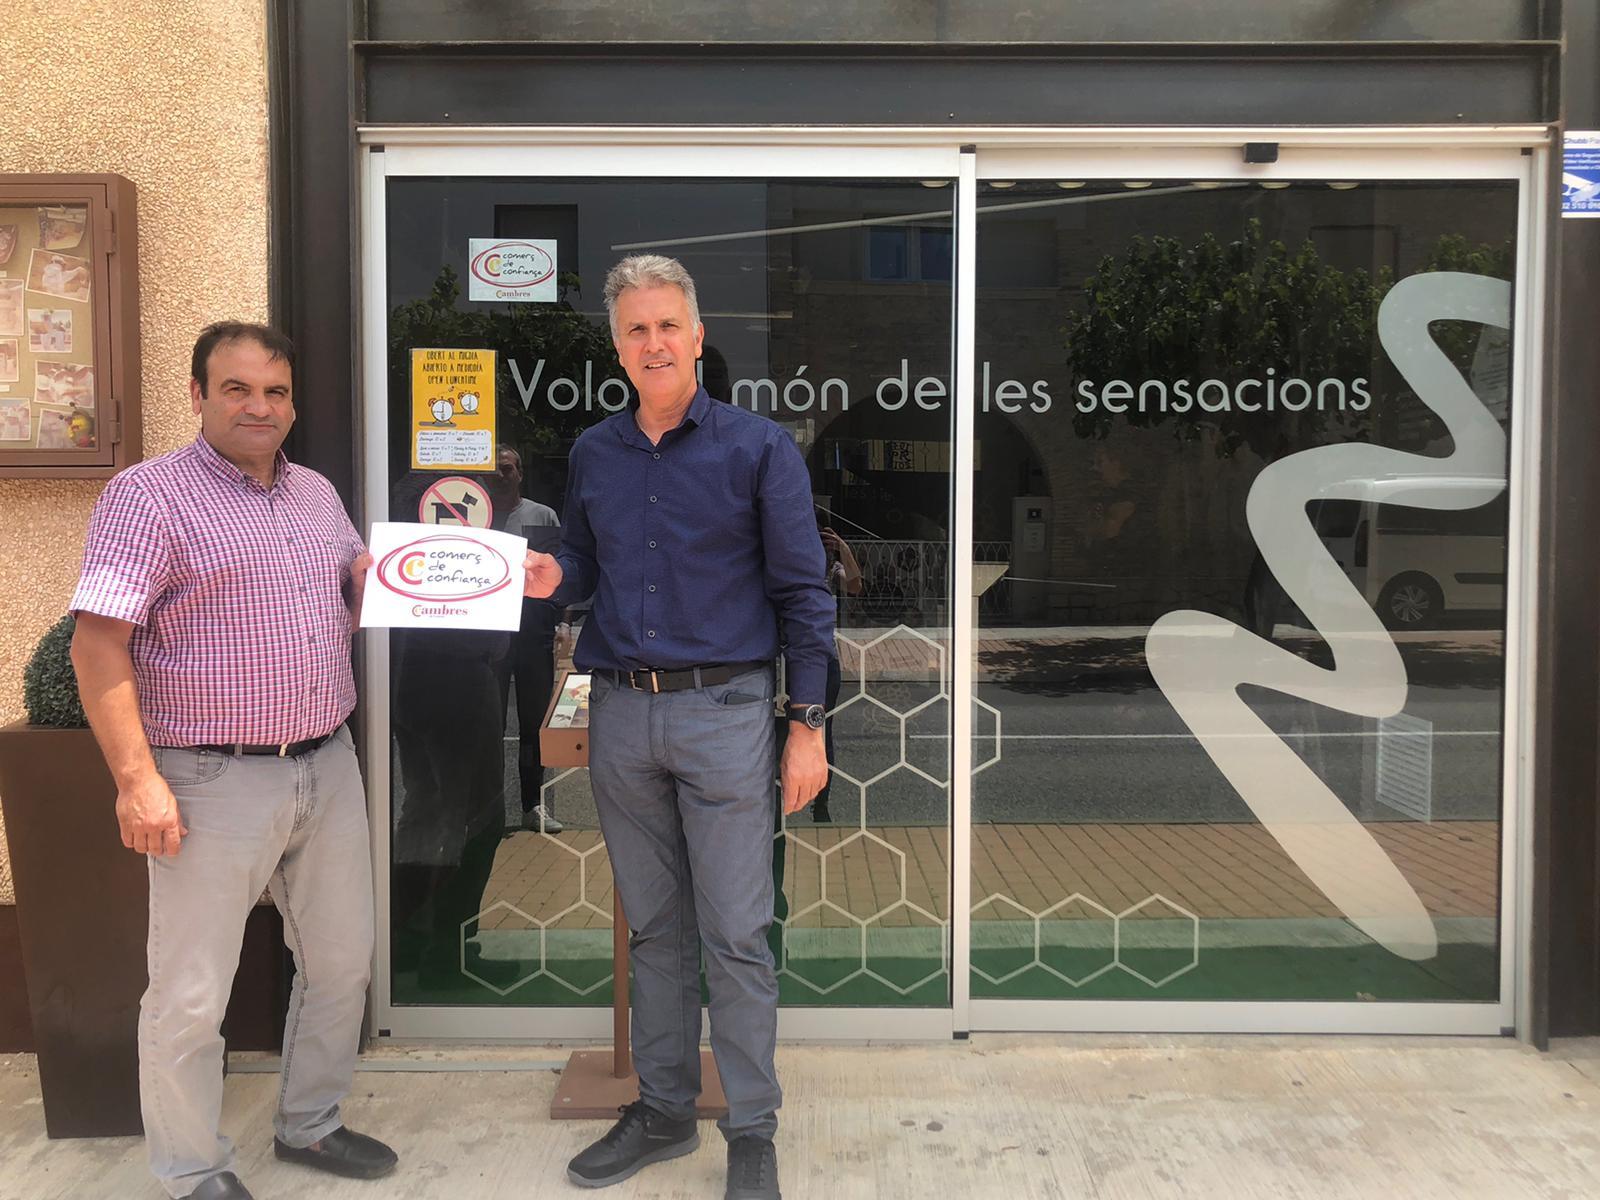 Mel Muria rep el segell Comerç de Confiança  de la Cambra de Comerç de Tortosa